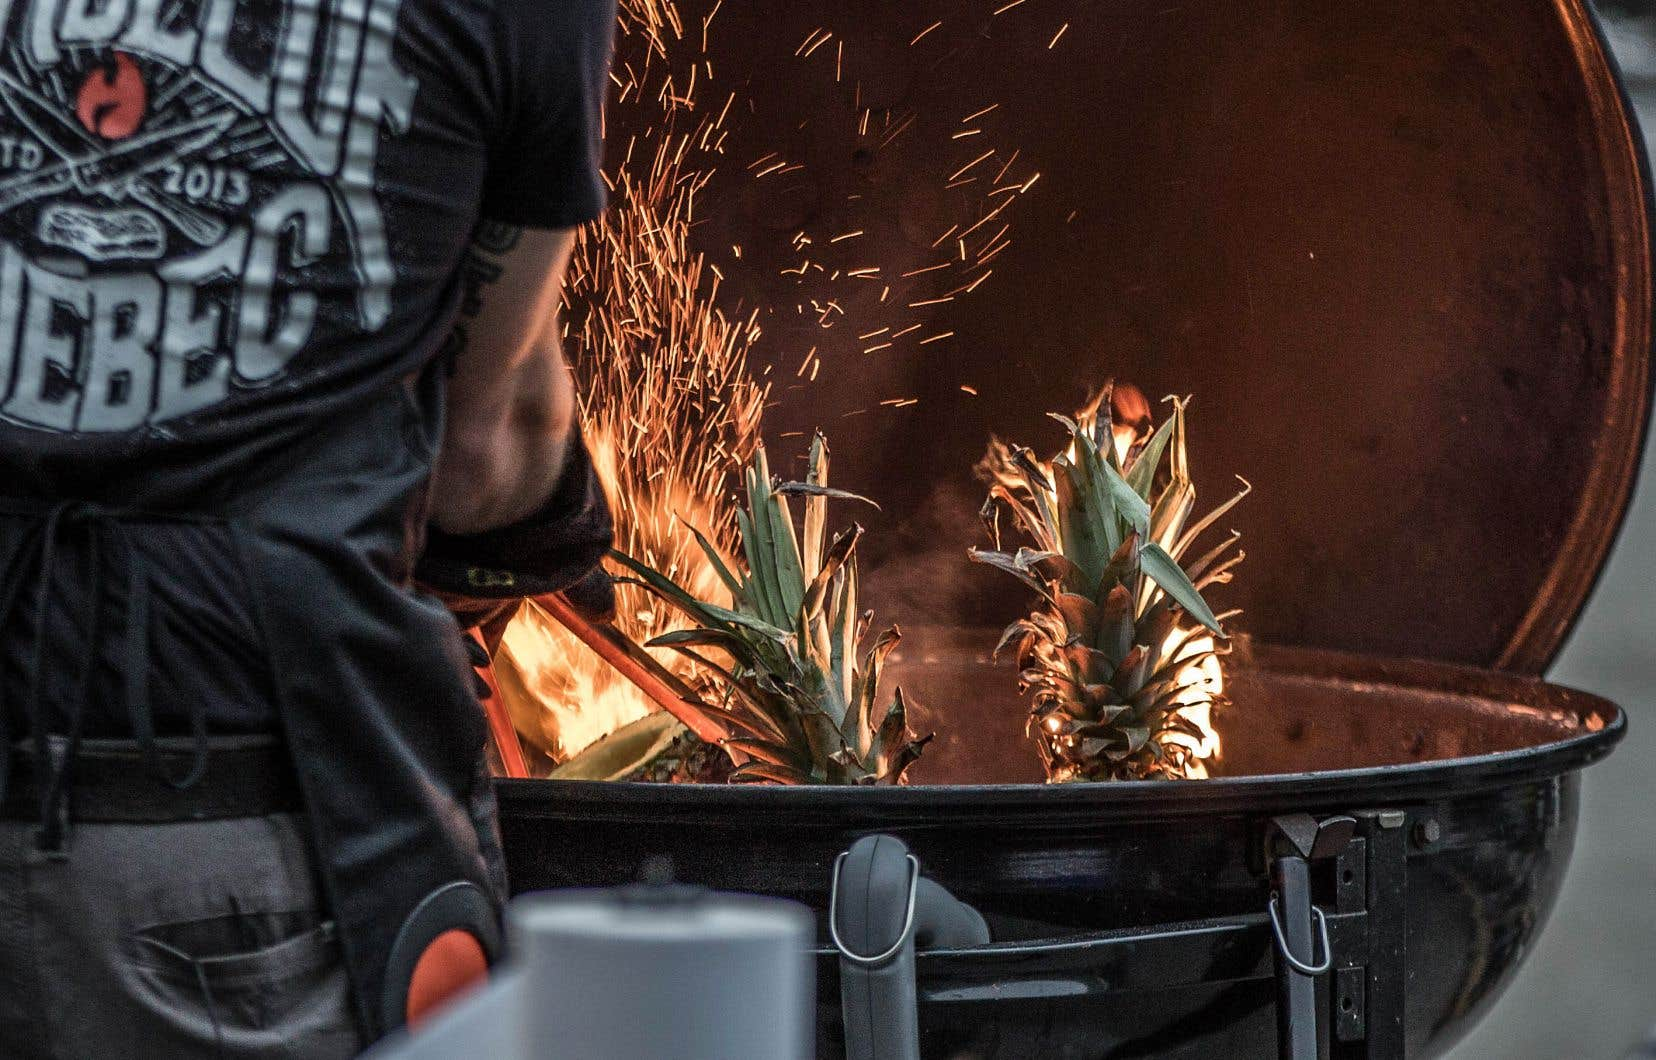 La cuisine au barbecue permet de surprendre et parfois même d'assurer un petit spectacle.